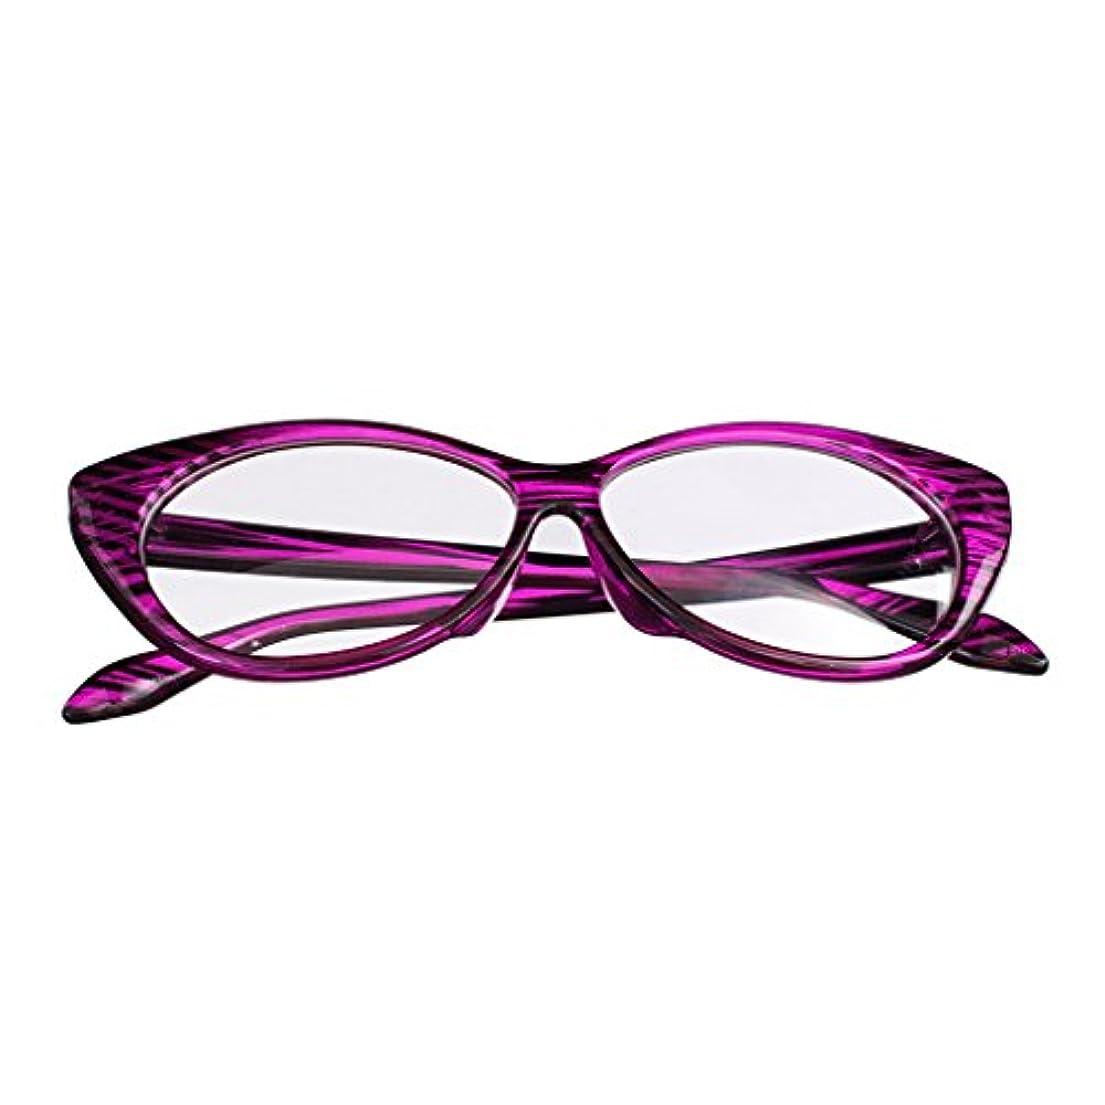 レディースヴィンテージキャットアイ老眼鏡女性のファッション老眼鏡